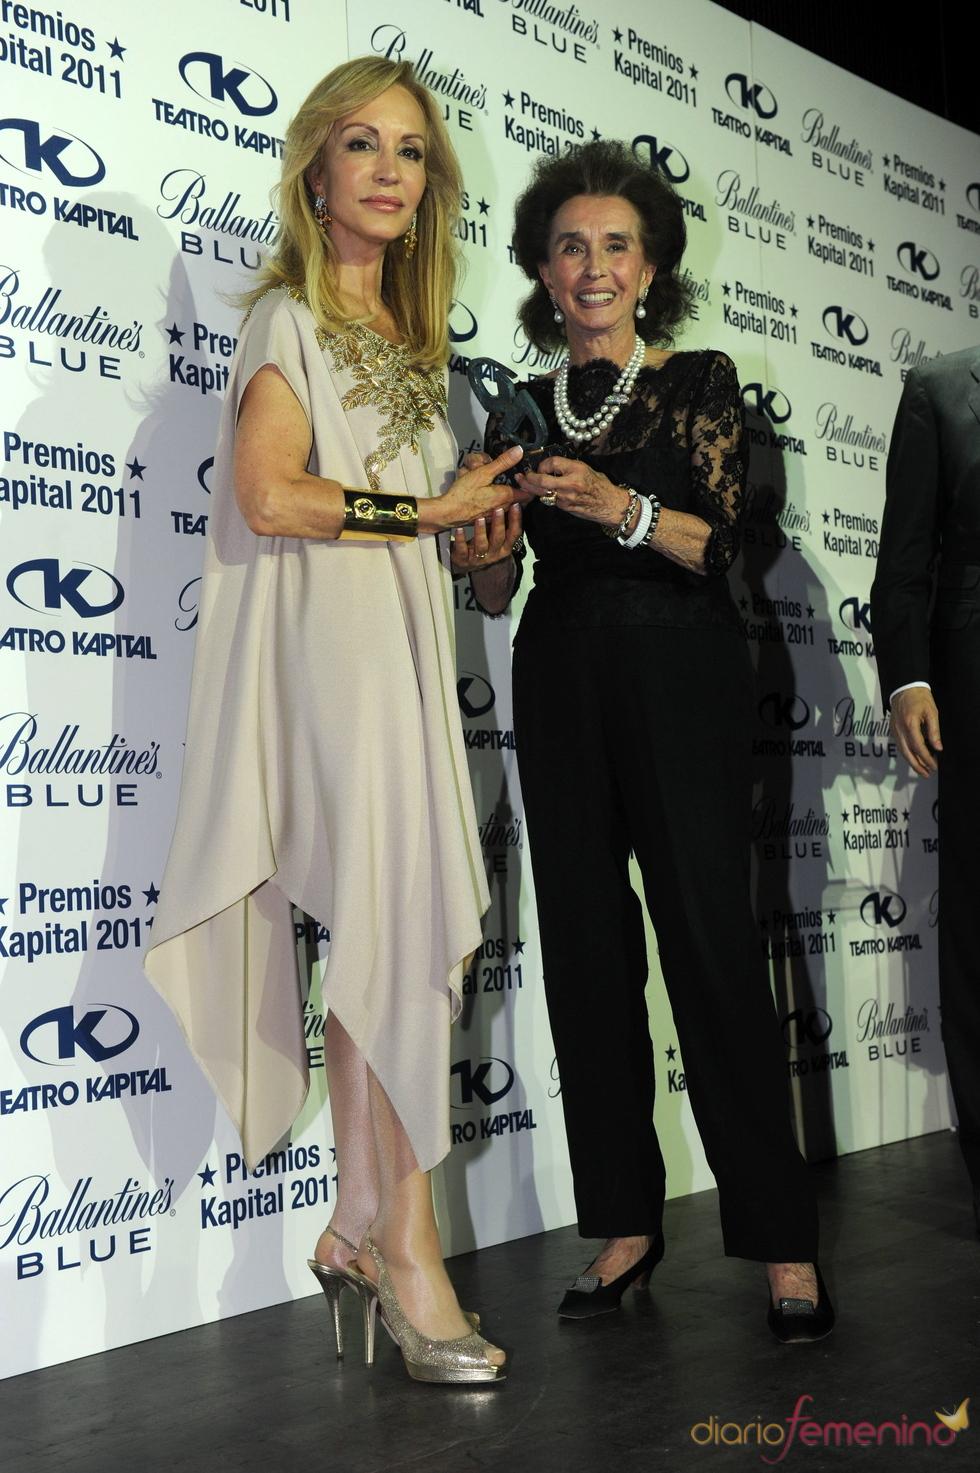 Carmen Lomana y la Condesa de Romanones en los Premios Kapital 2011